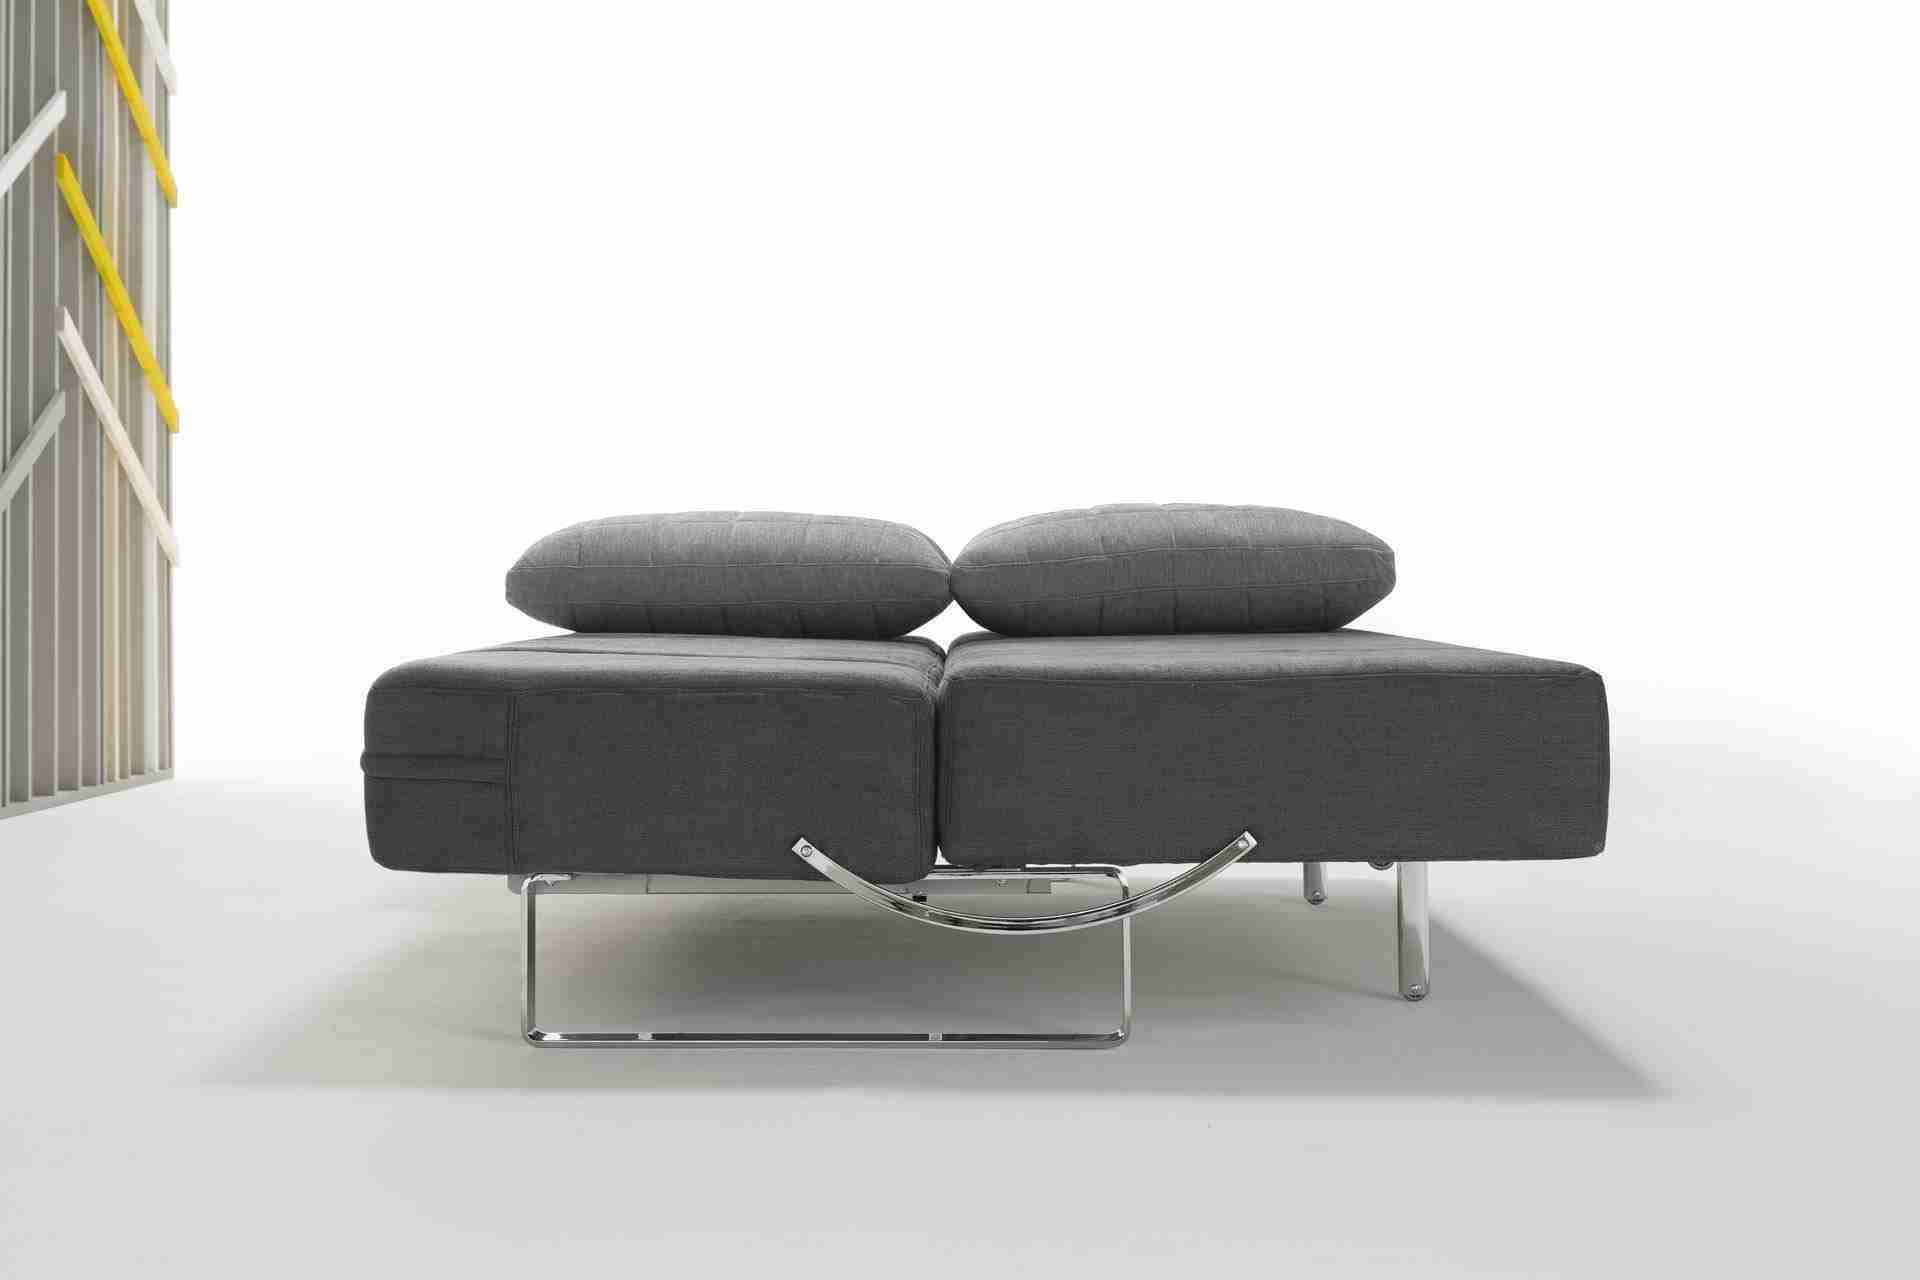 Divano click clack alta qualità e design made in italy NIKITA di Dienne